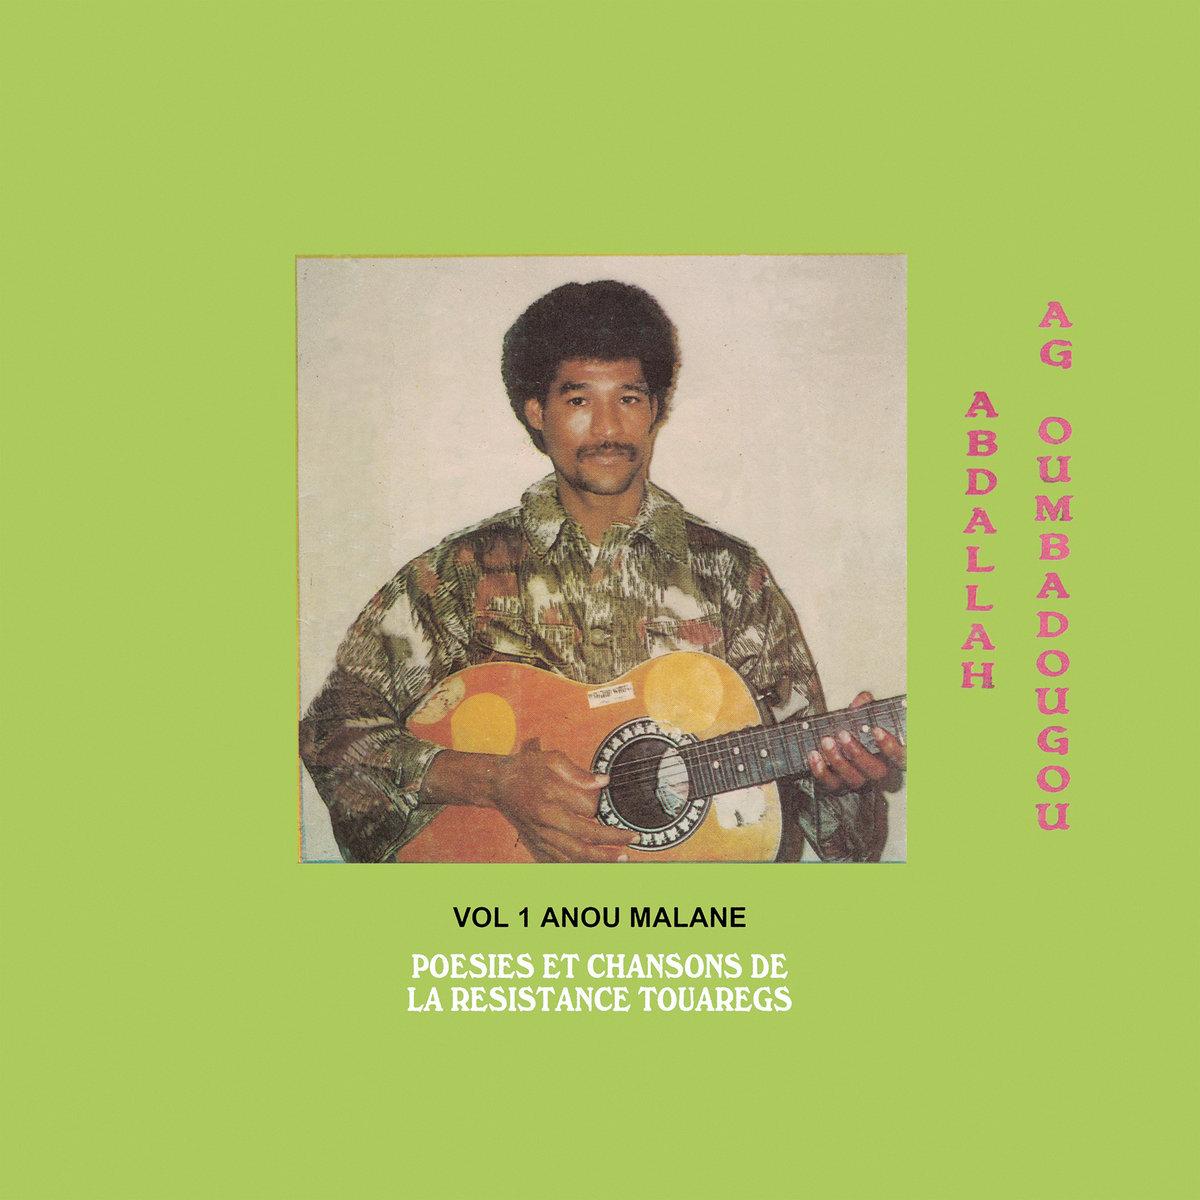 Abdallah Ag Oumbadougou